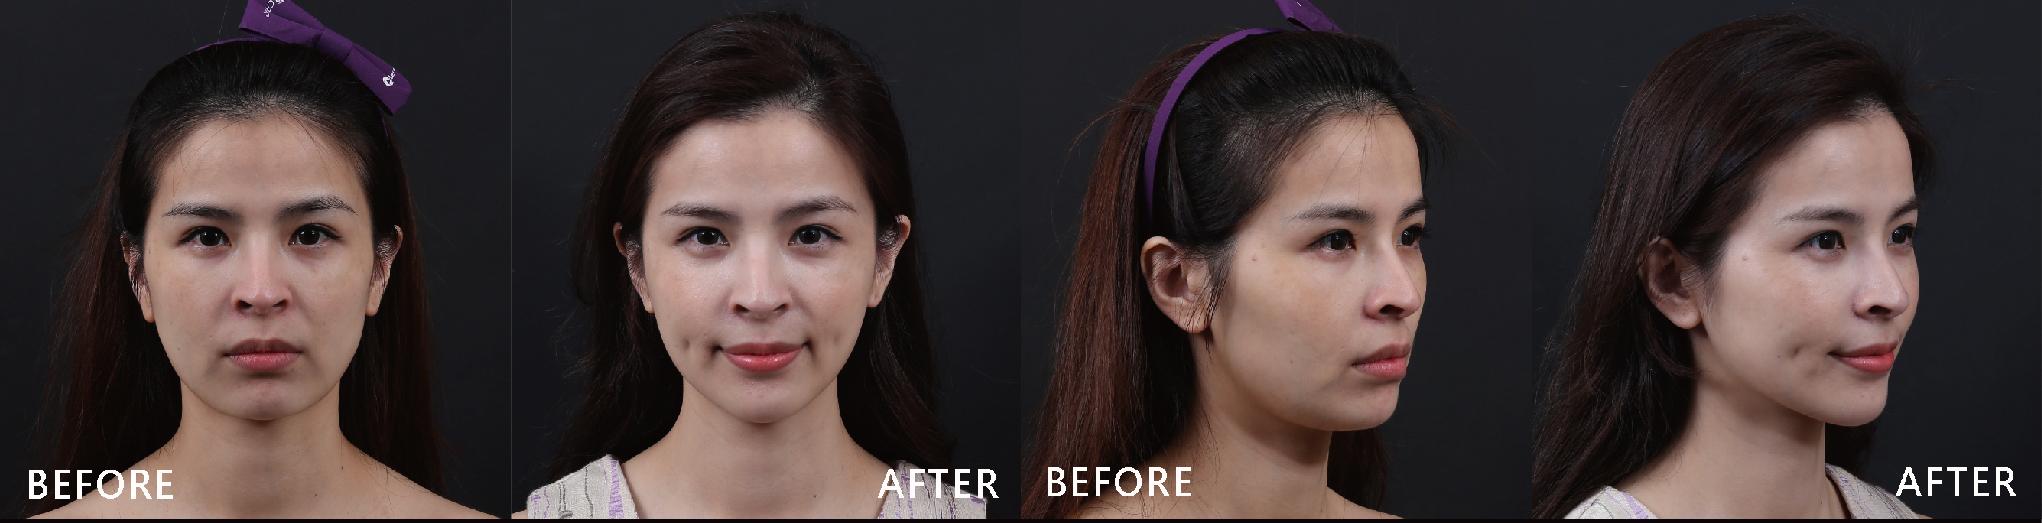 音波能有效刺激膠原蛋白增生,讓肌膚充滿Q彈的能量,並且能深層拉提,緊實有效。